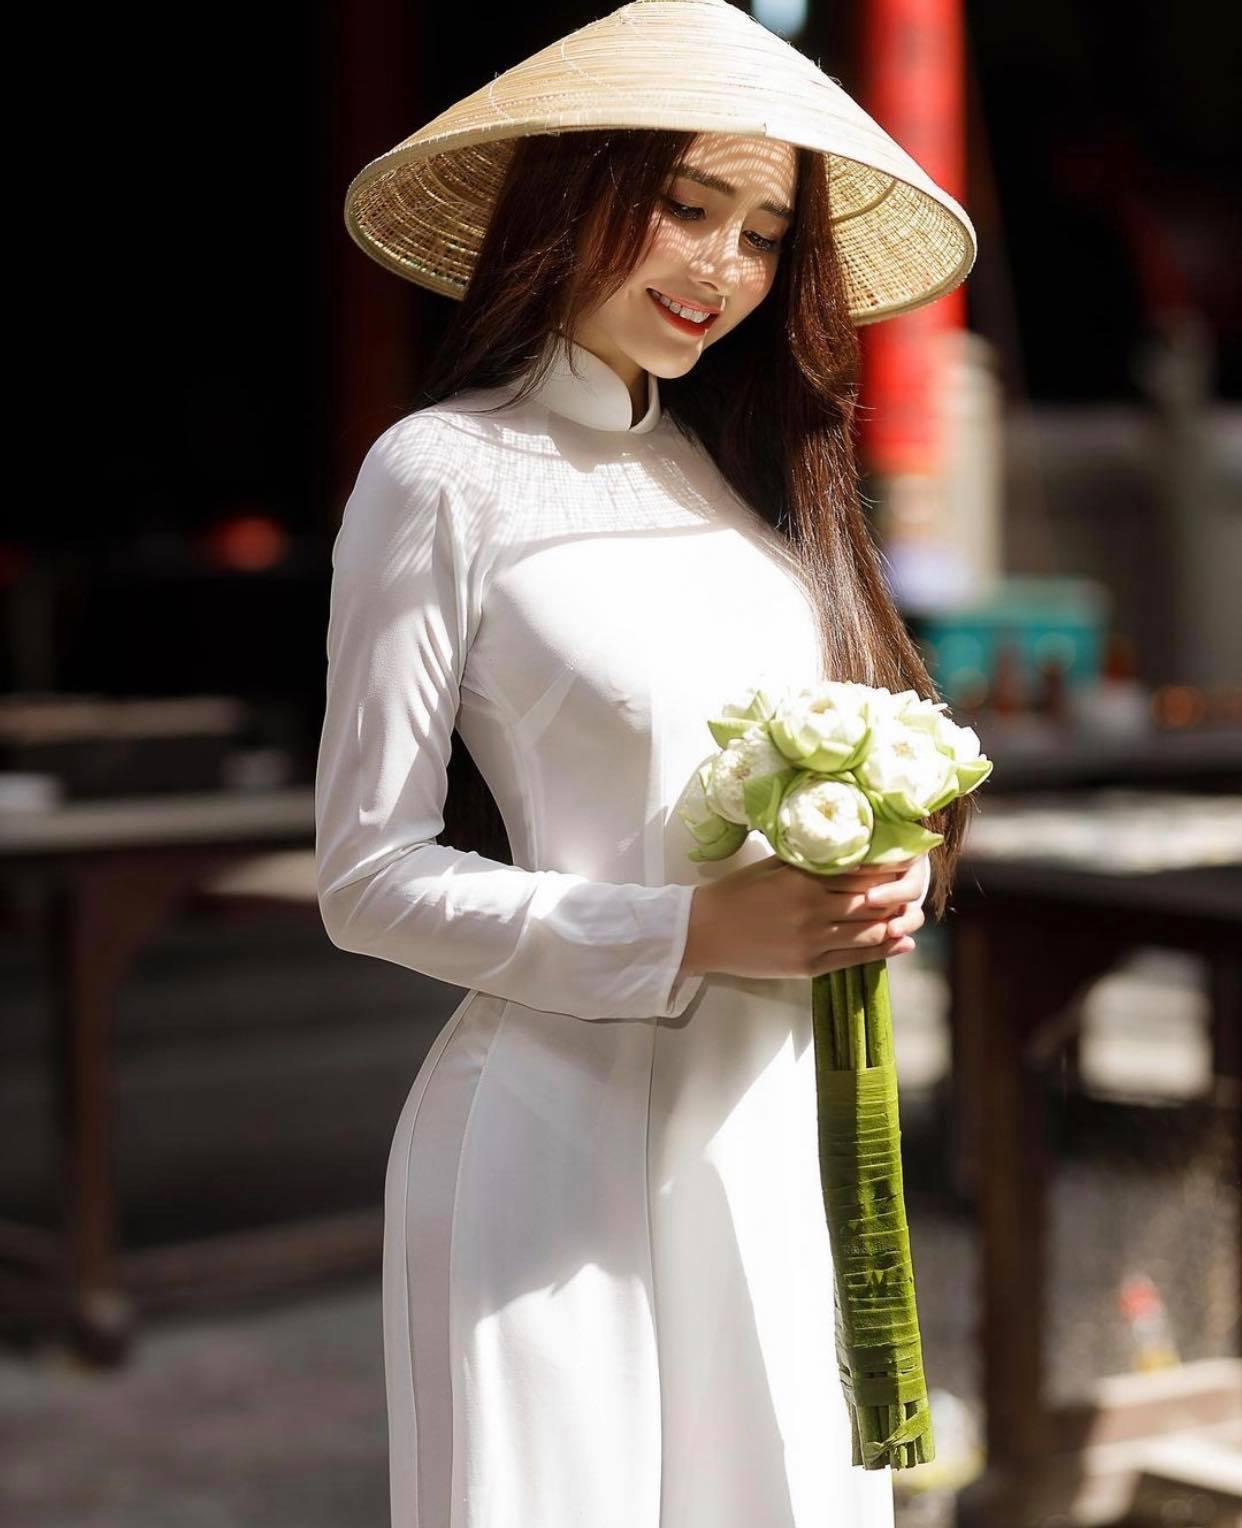 Người đẹp Việt mặc áo dài mỏng tang như tờ giấy đến chốn trang nghiêm gây bức xúc - 3